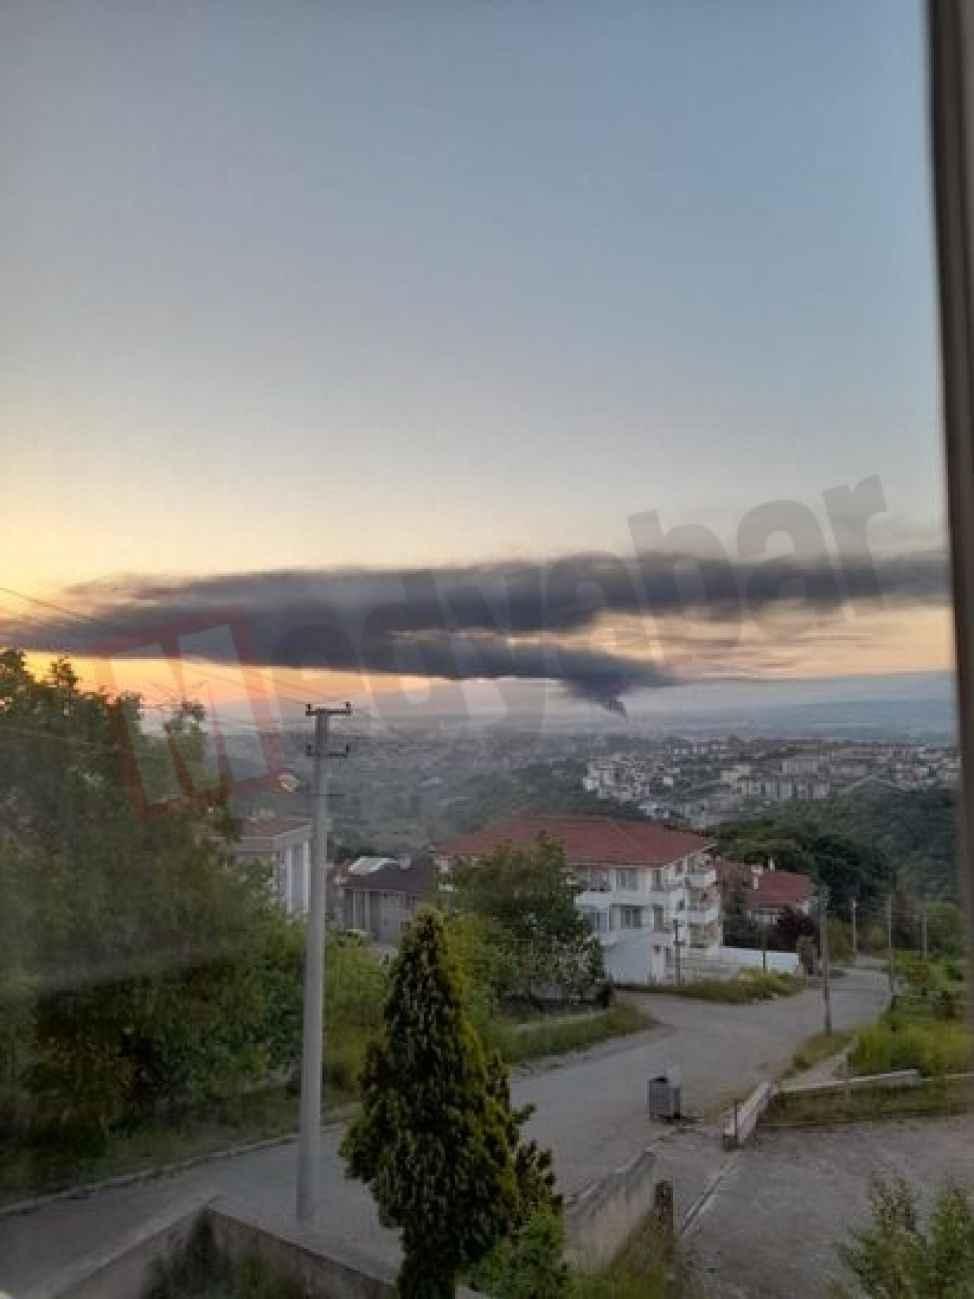 Şehir kara dumanla kaplandı!